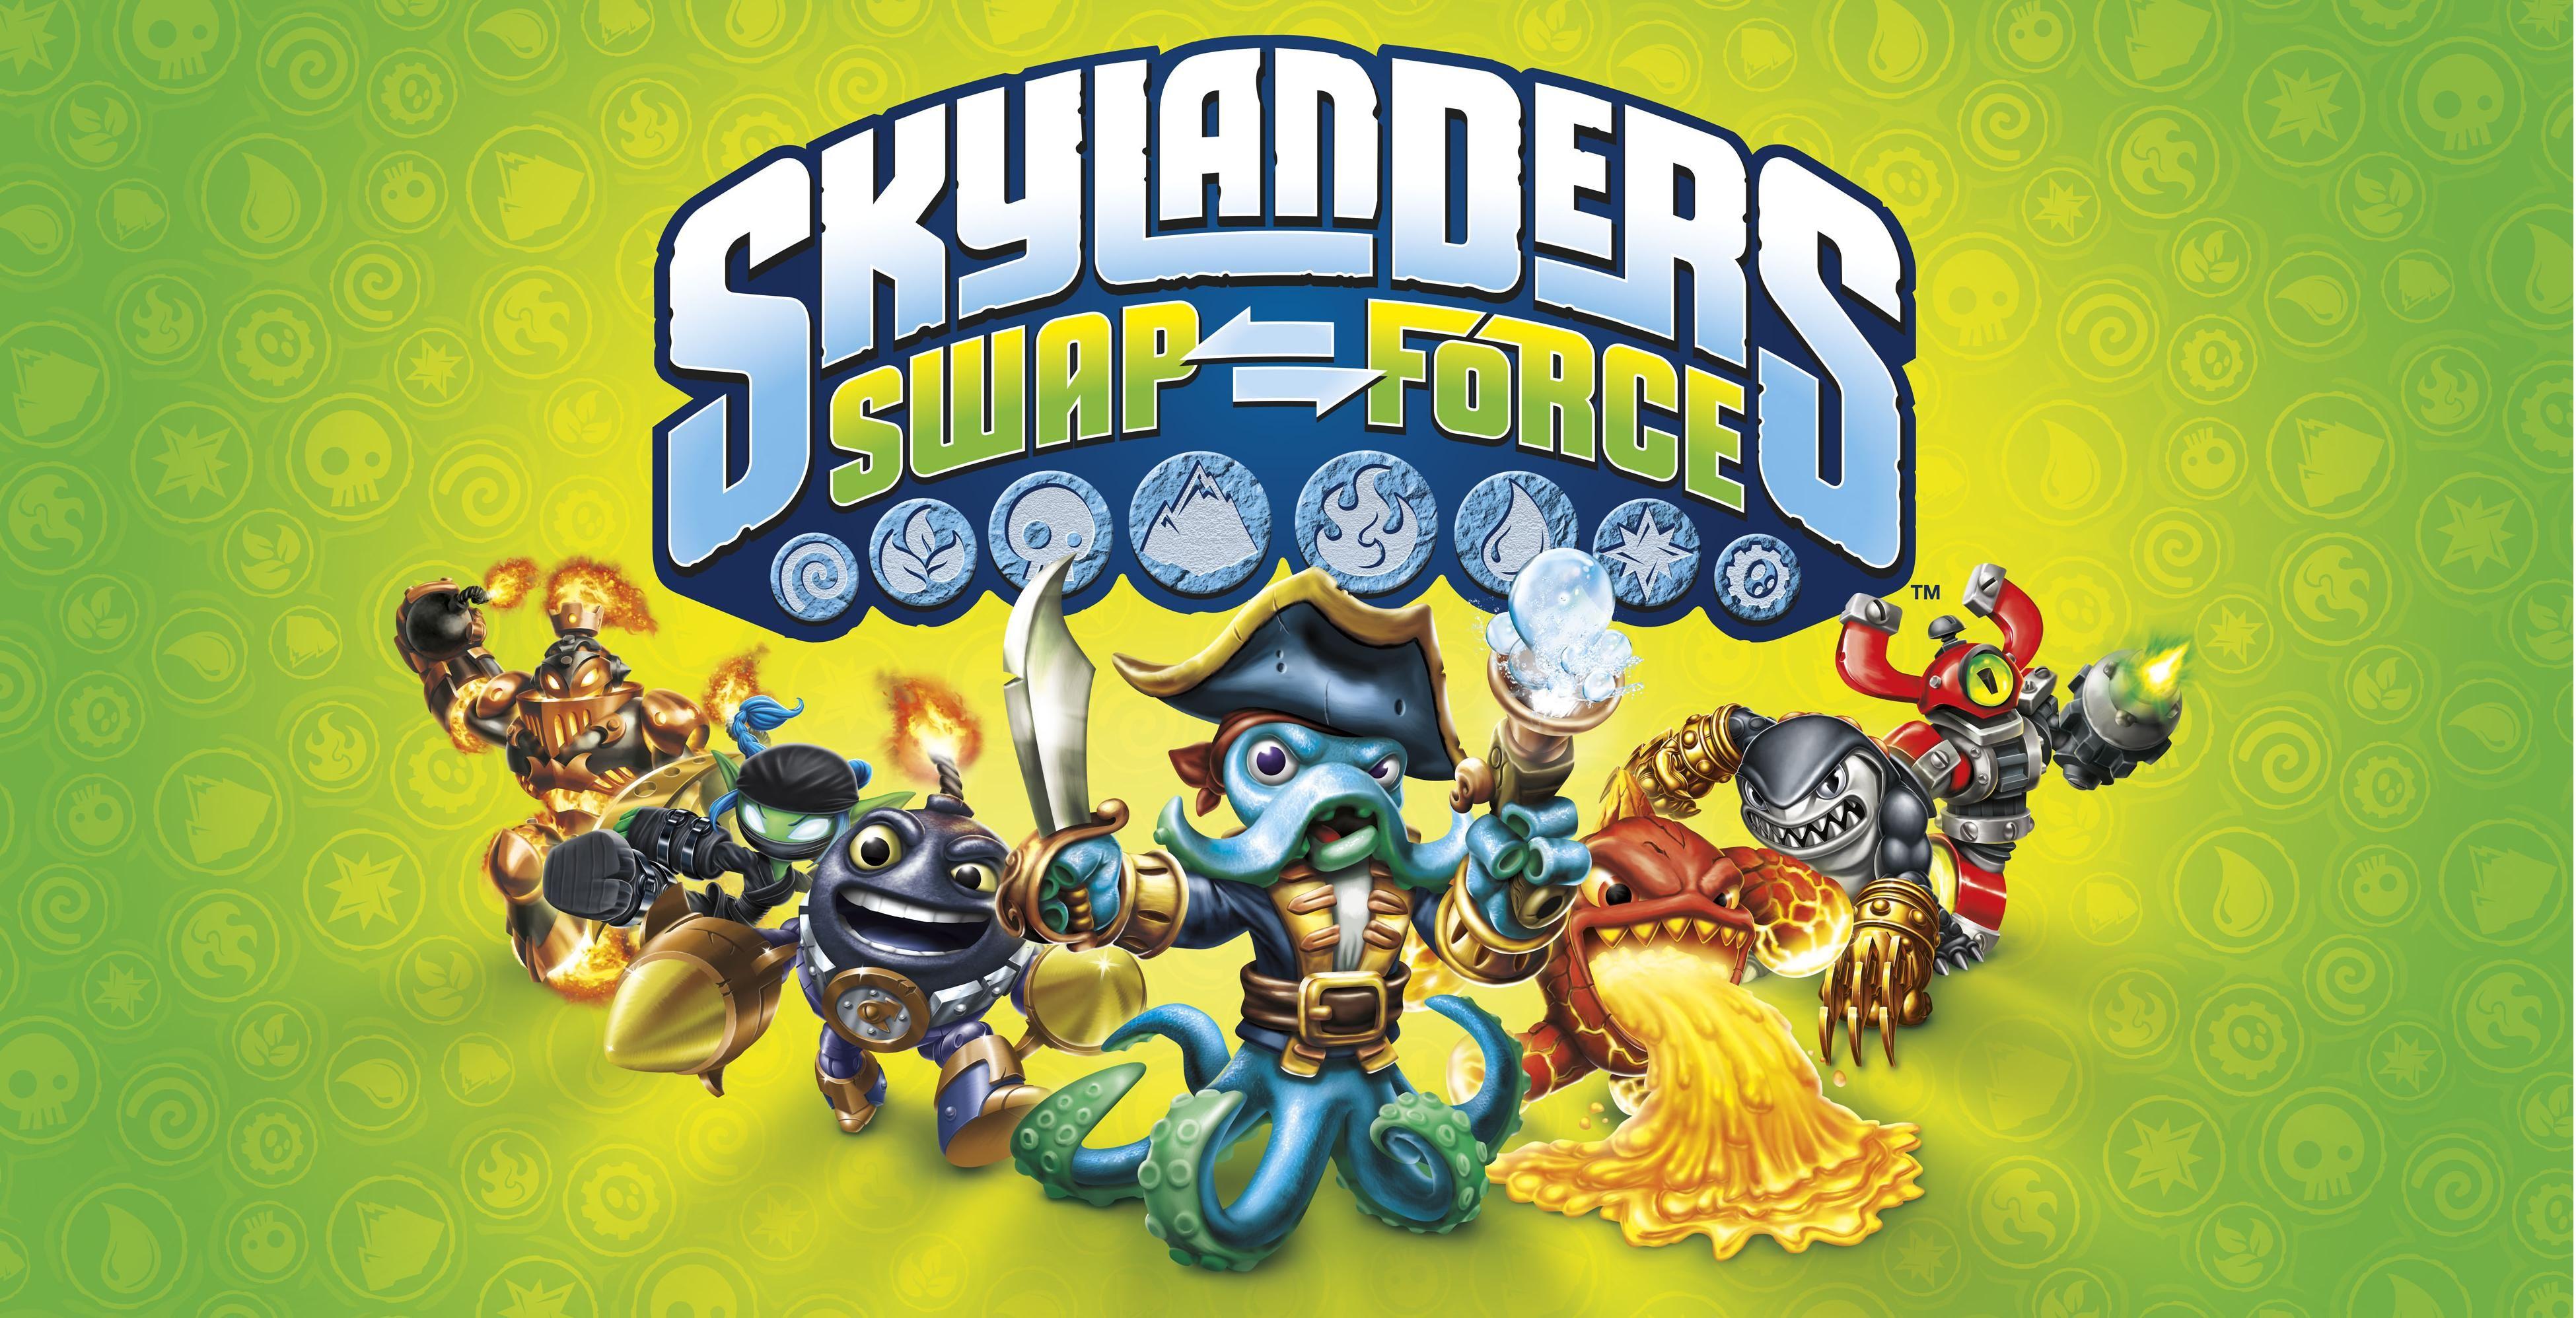 Skylander Games Images